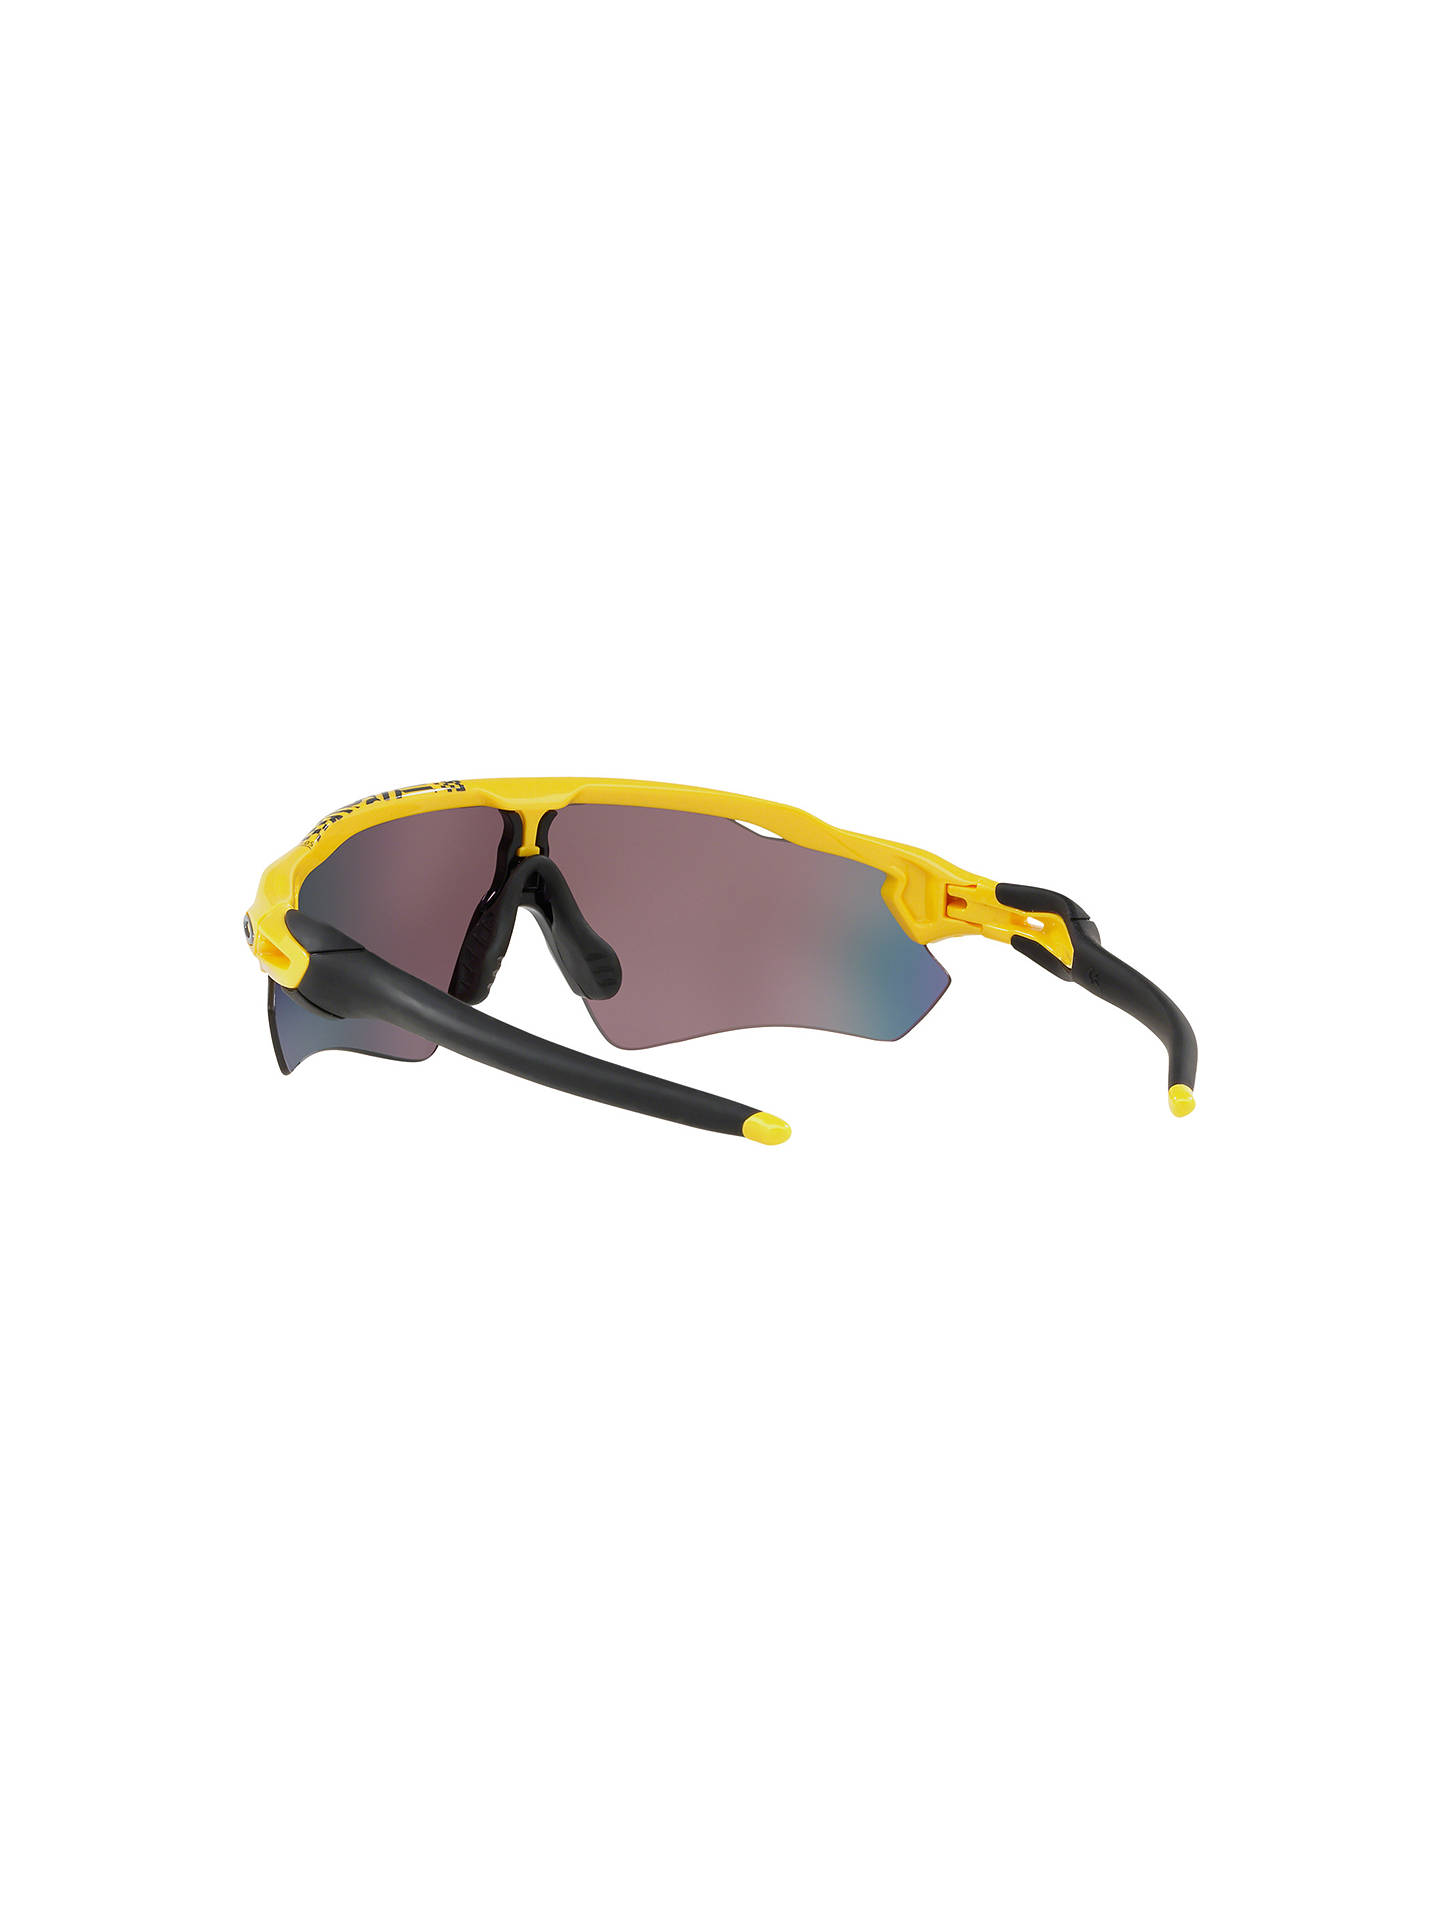 Italy Oakley Sunglasses Radar Waterskis 7516a 84c04